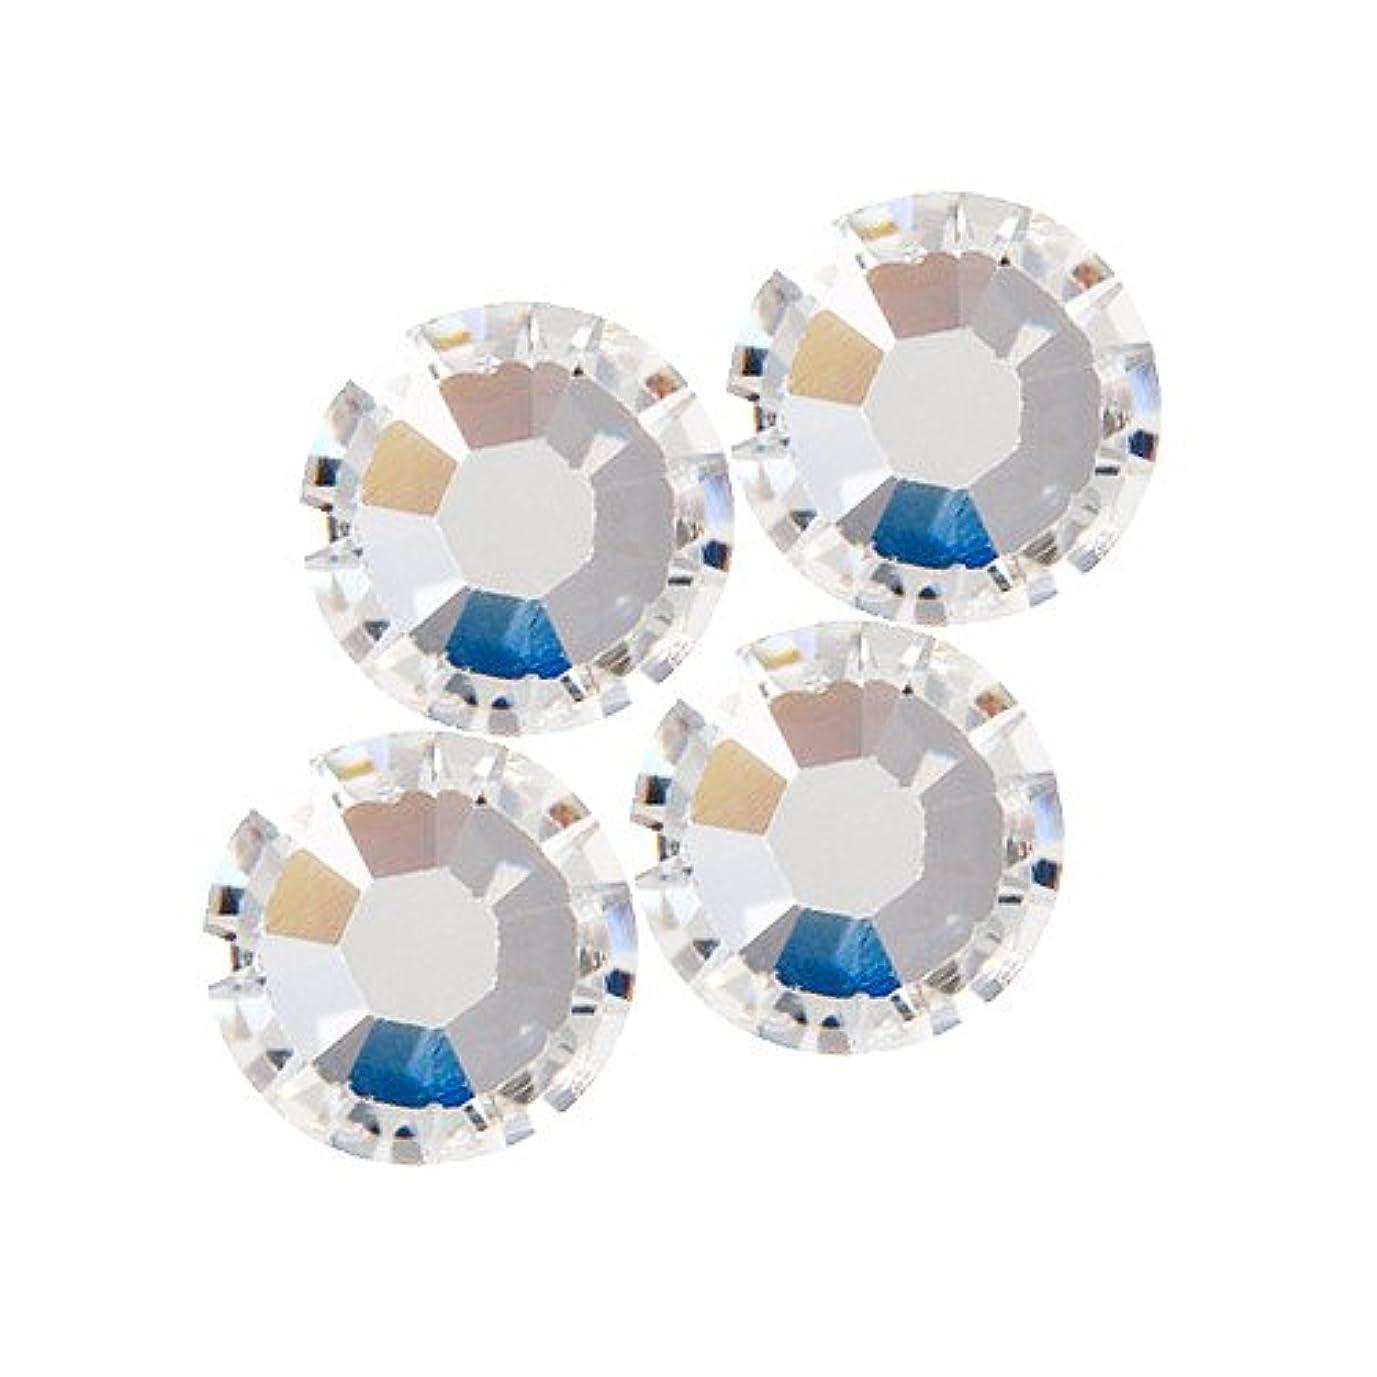 トラクター現象センサーバイナル DIAMOND RHINESTONE  クリスタル SS10 1440粒 ST-SS10-CRY-10G